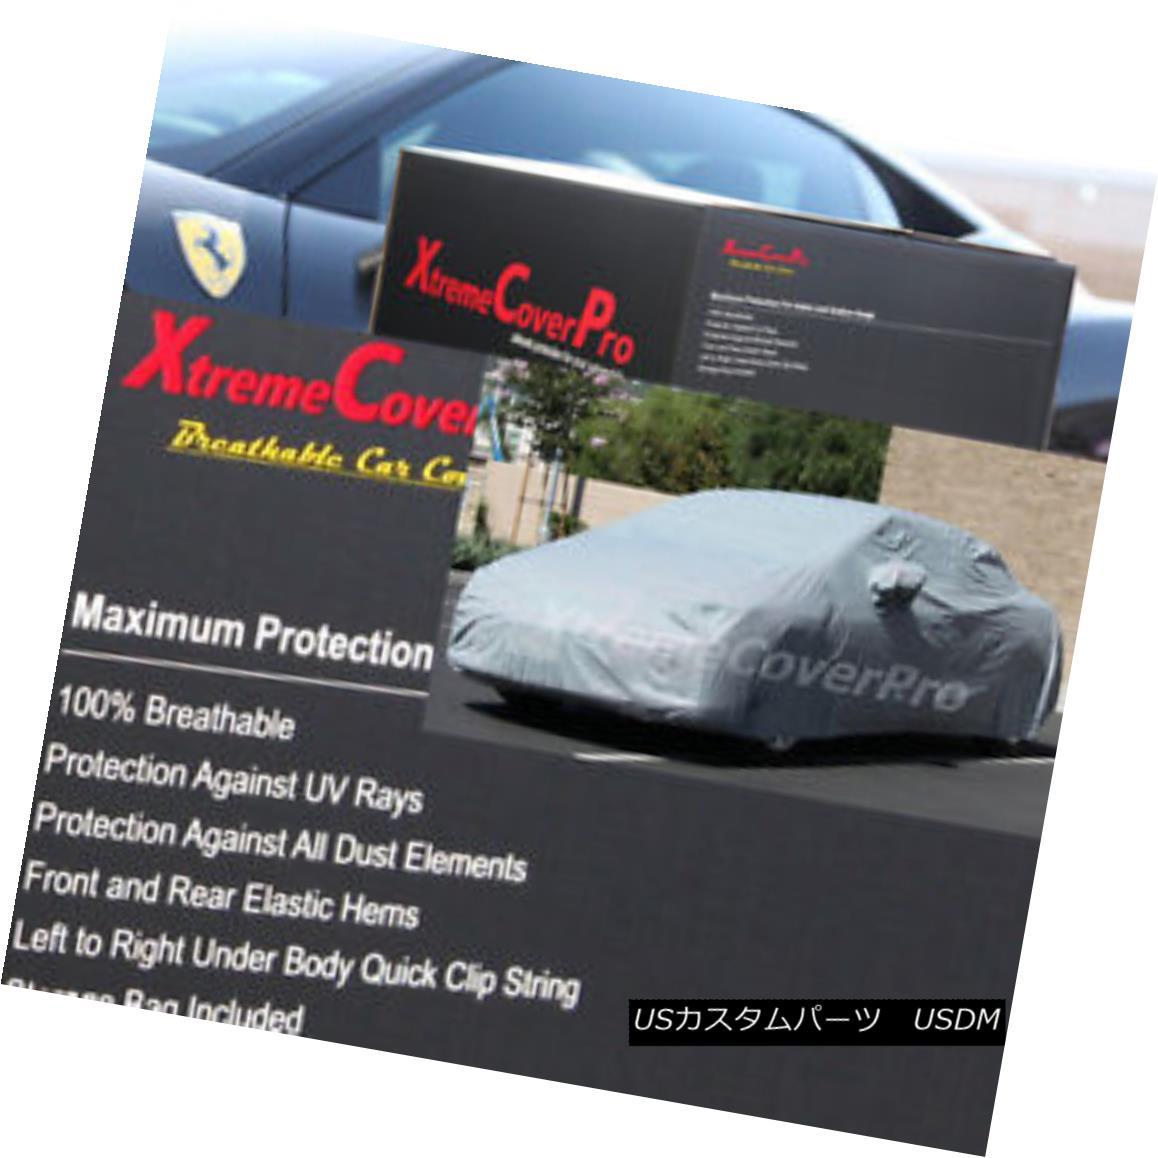 カーカバー 2001 2002 2003 Mercedes C230 Sport Coupe Breathable Car Cover w/MirrorPocket 2001 2002 2003 Mercedes C230 Sport Coupe通気性車カバー付きMirrorPocket